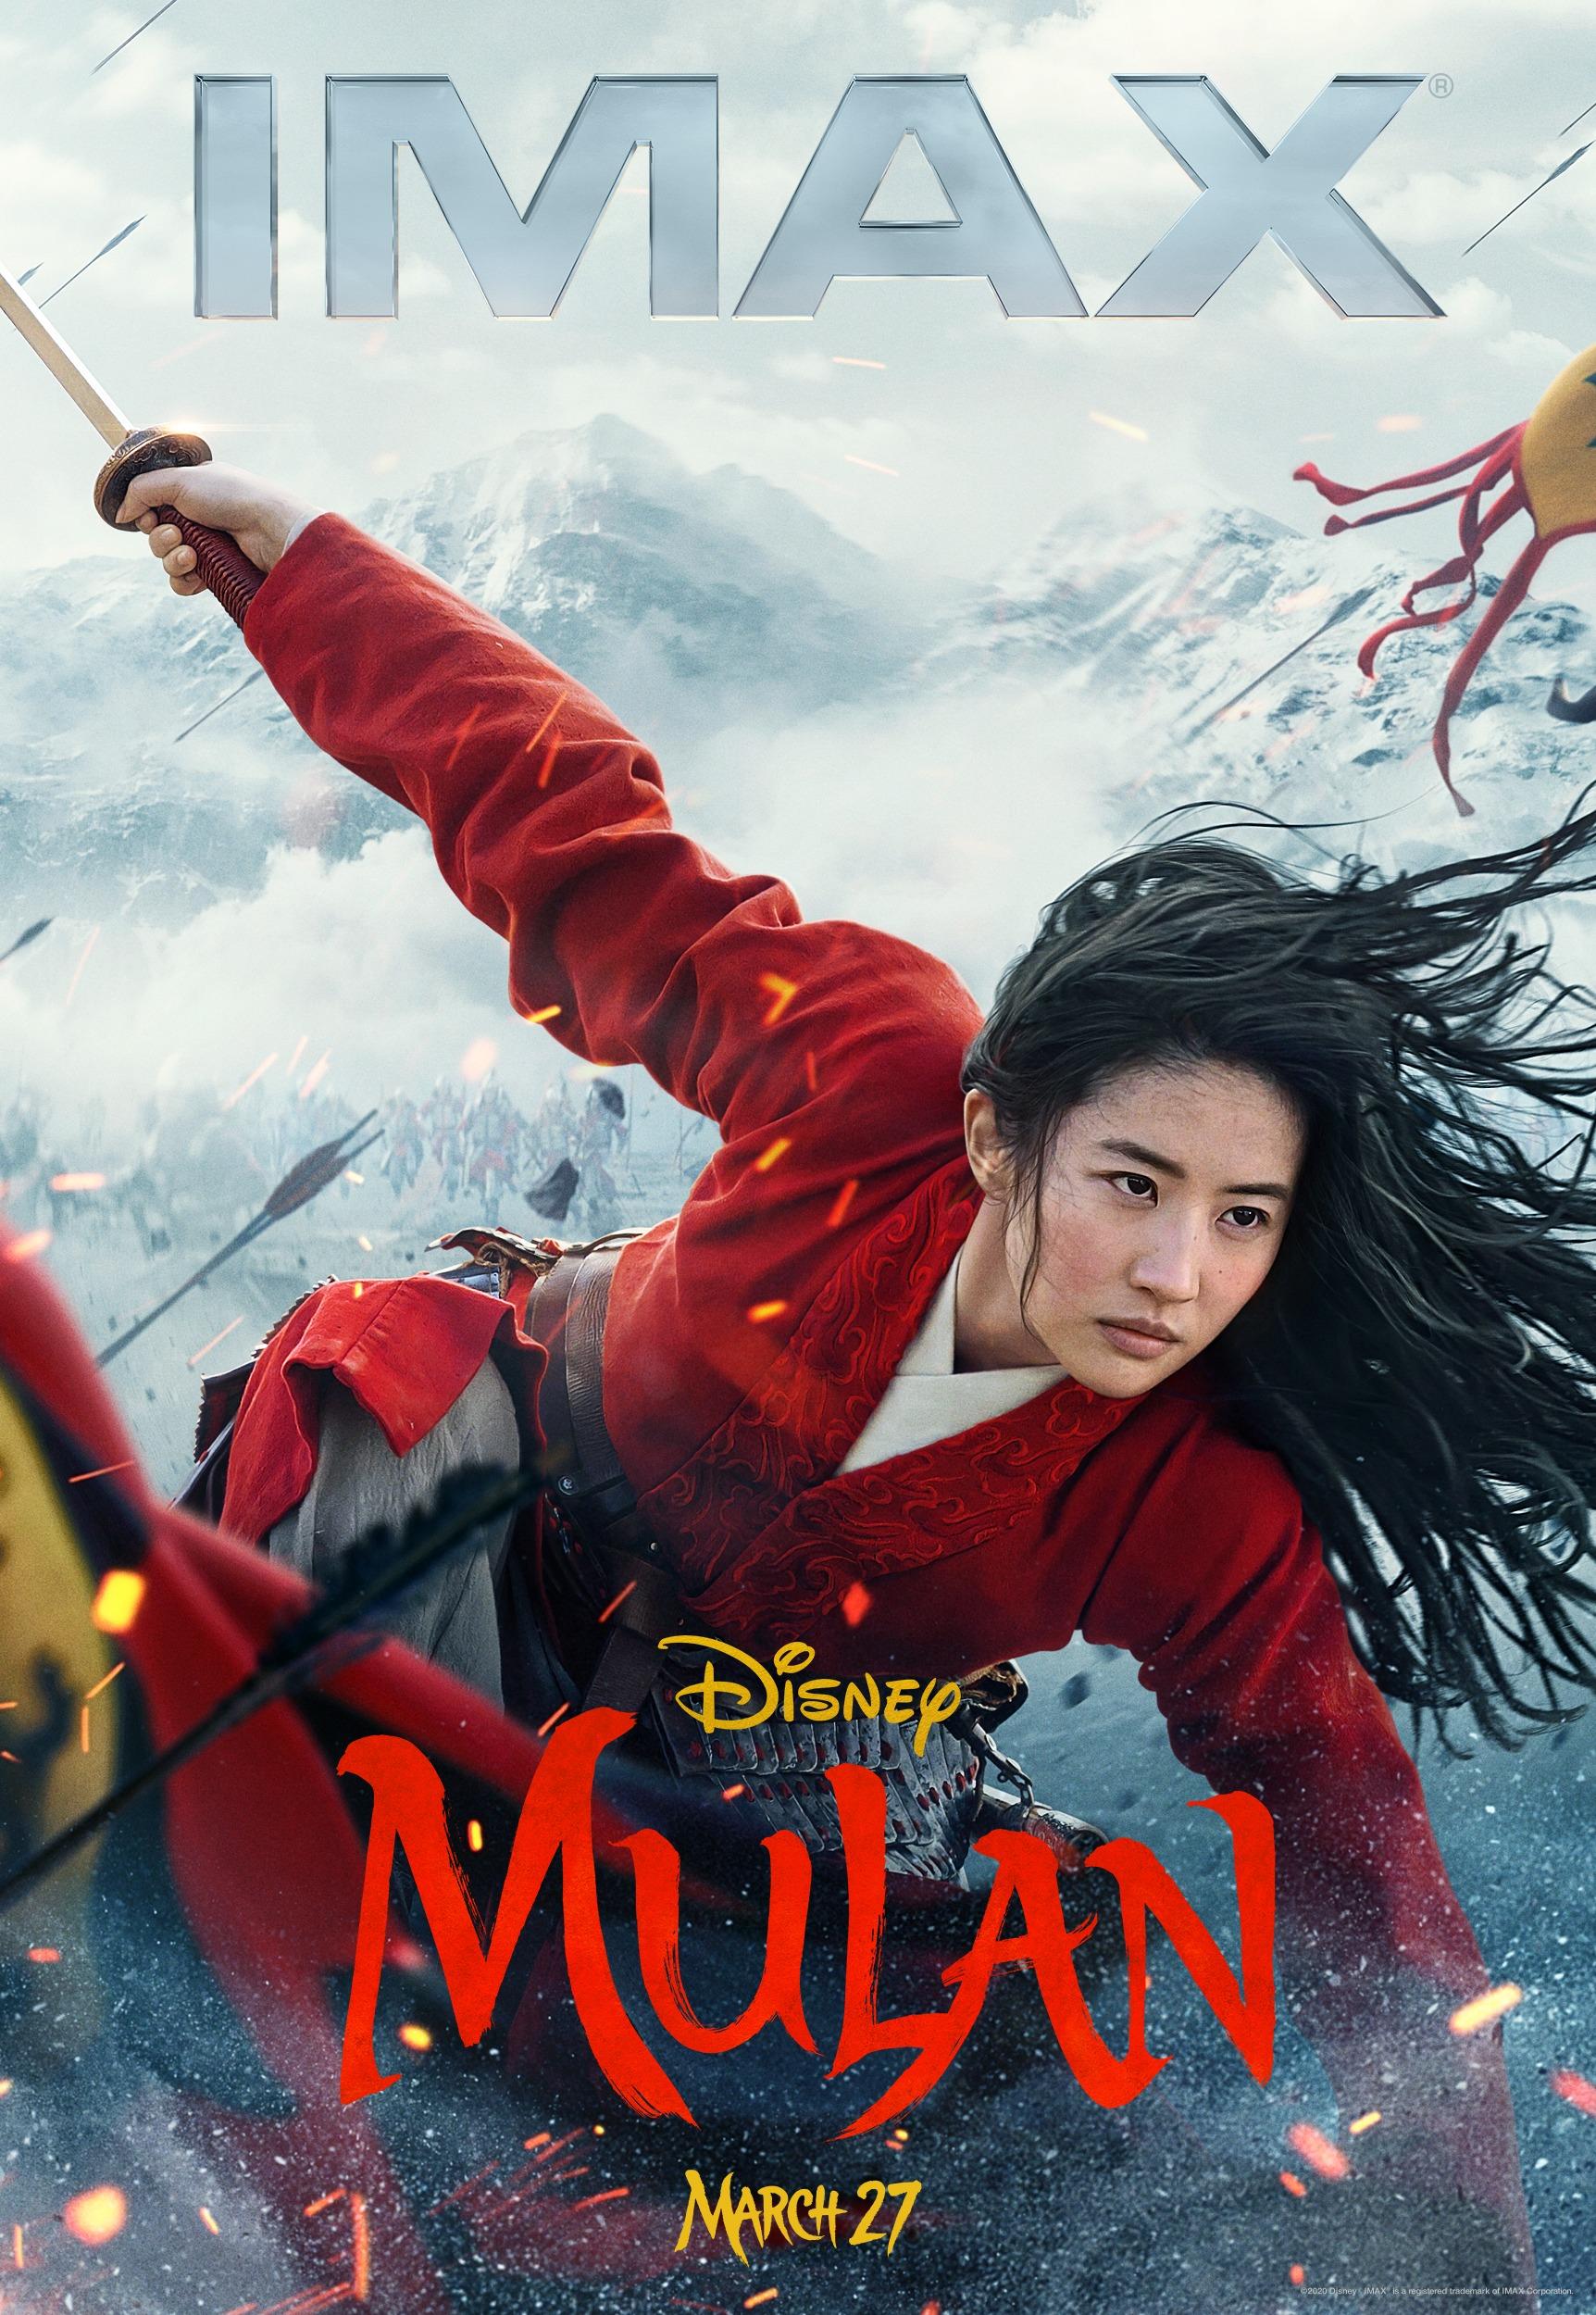 【減價停不了】《花木蘭》12月將於Disney+免費播